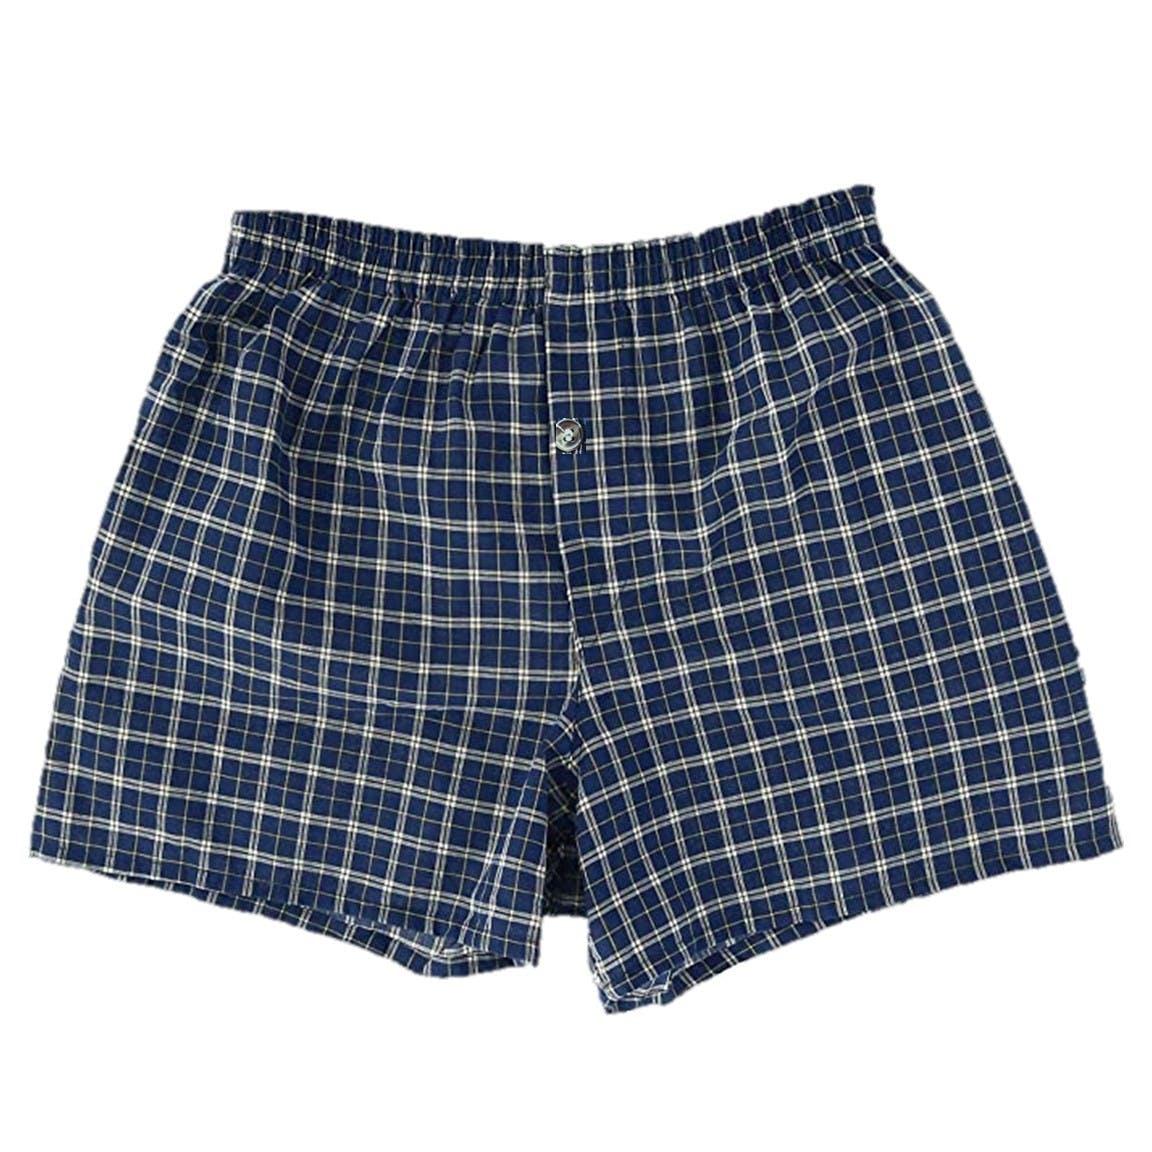 Best Mens Boxers Plaid Shorts Underwear Lot Cotton Briefs Pairs 3pcs Pack S-2XL